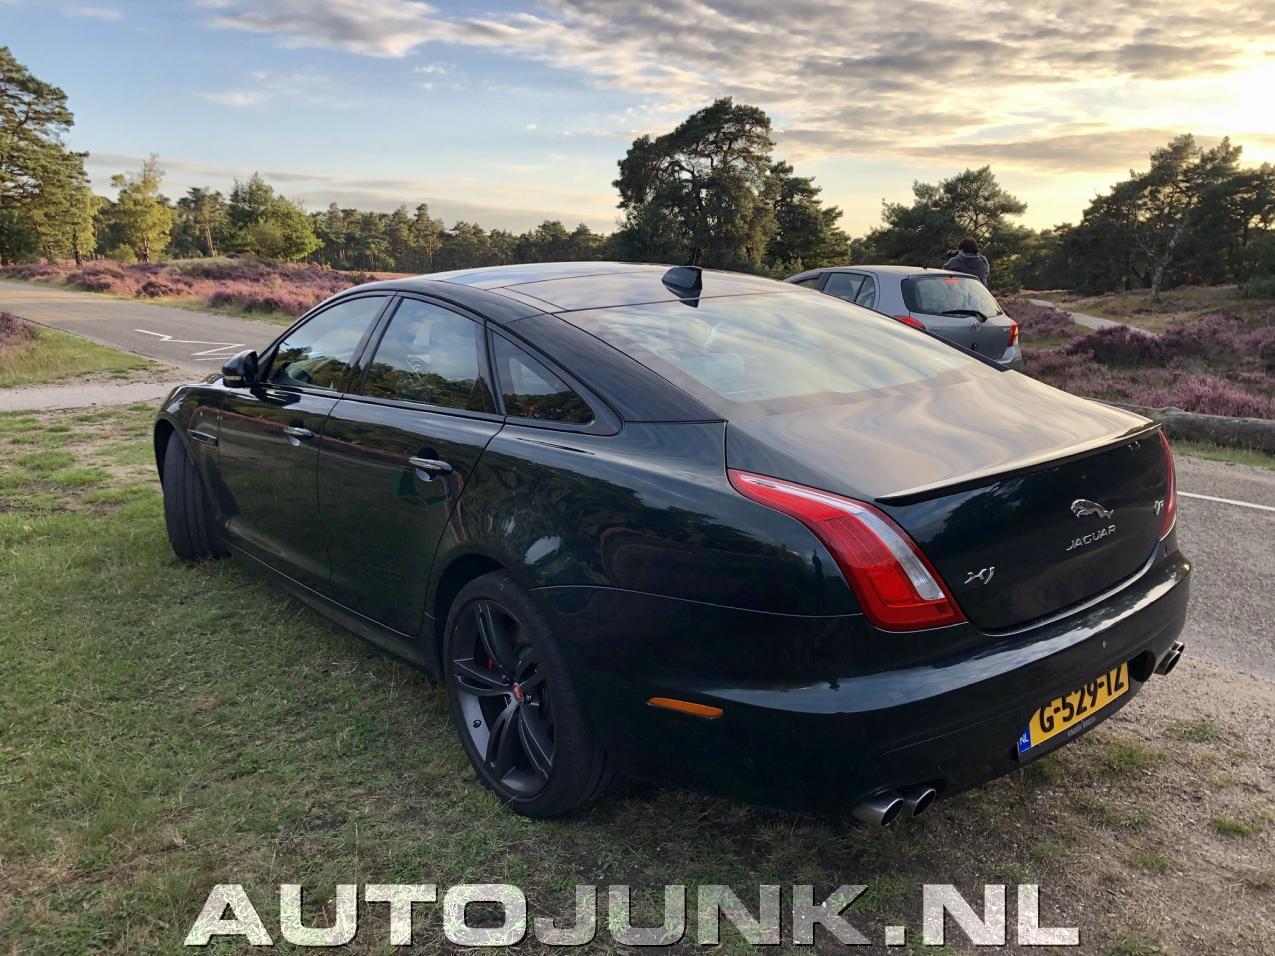 Jaguar XJR 5.0 V8 S/C foto's » Autojunk.nl (256884)